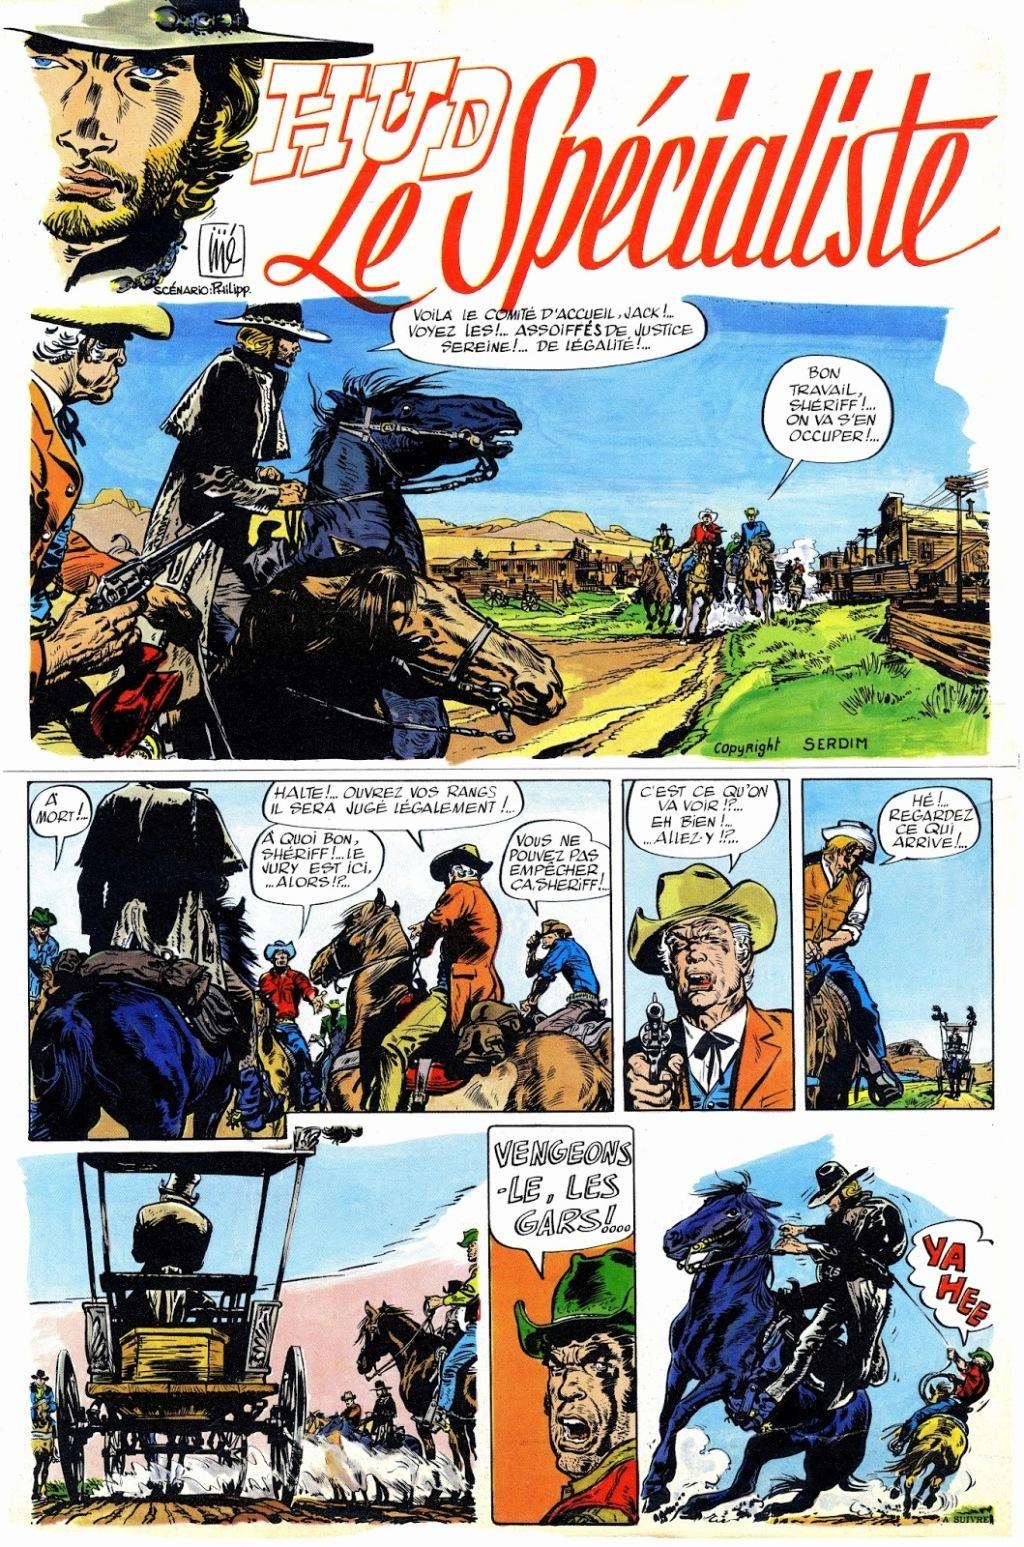 Le monde du western - Page 18 Johnny23